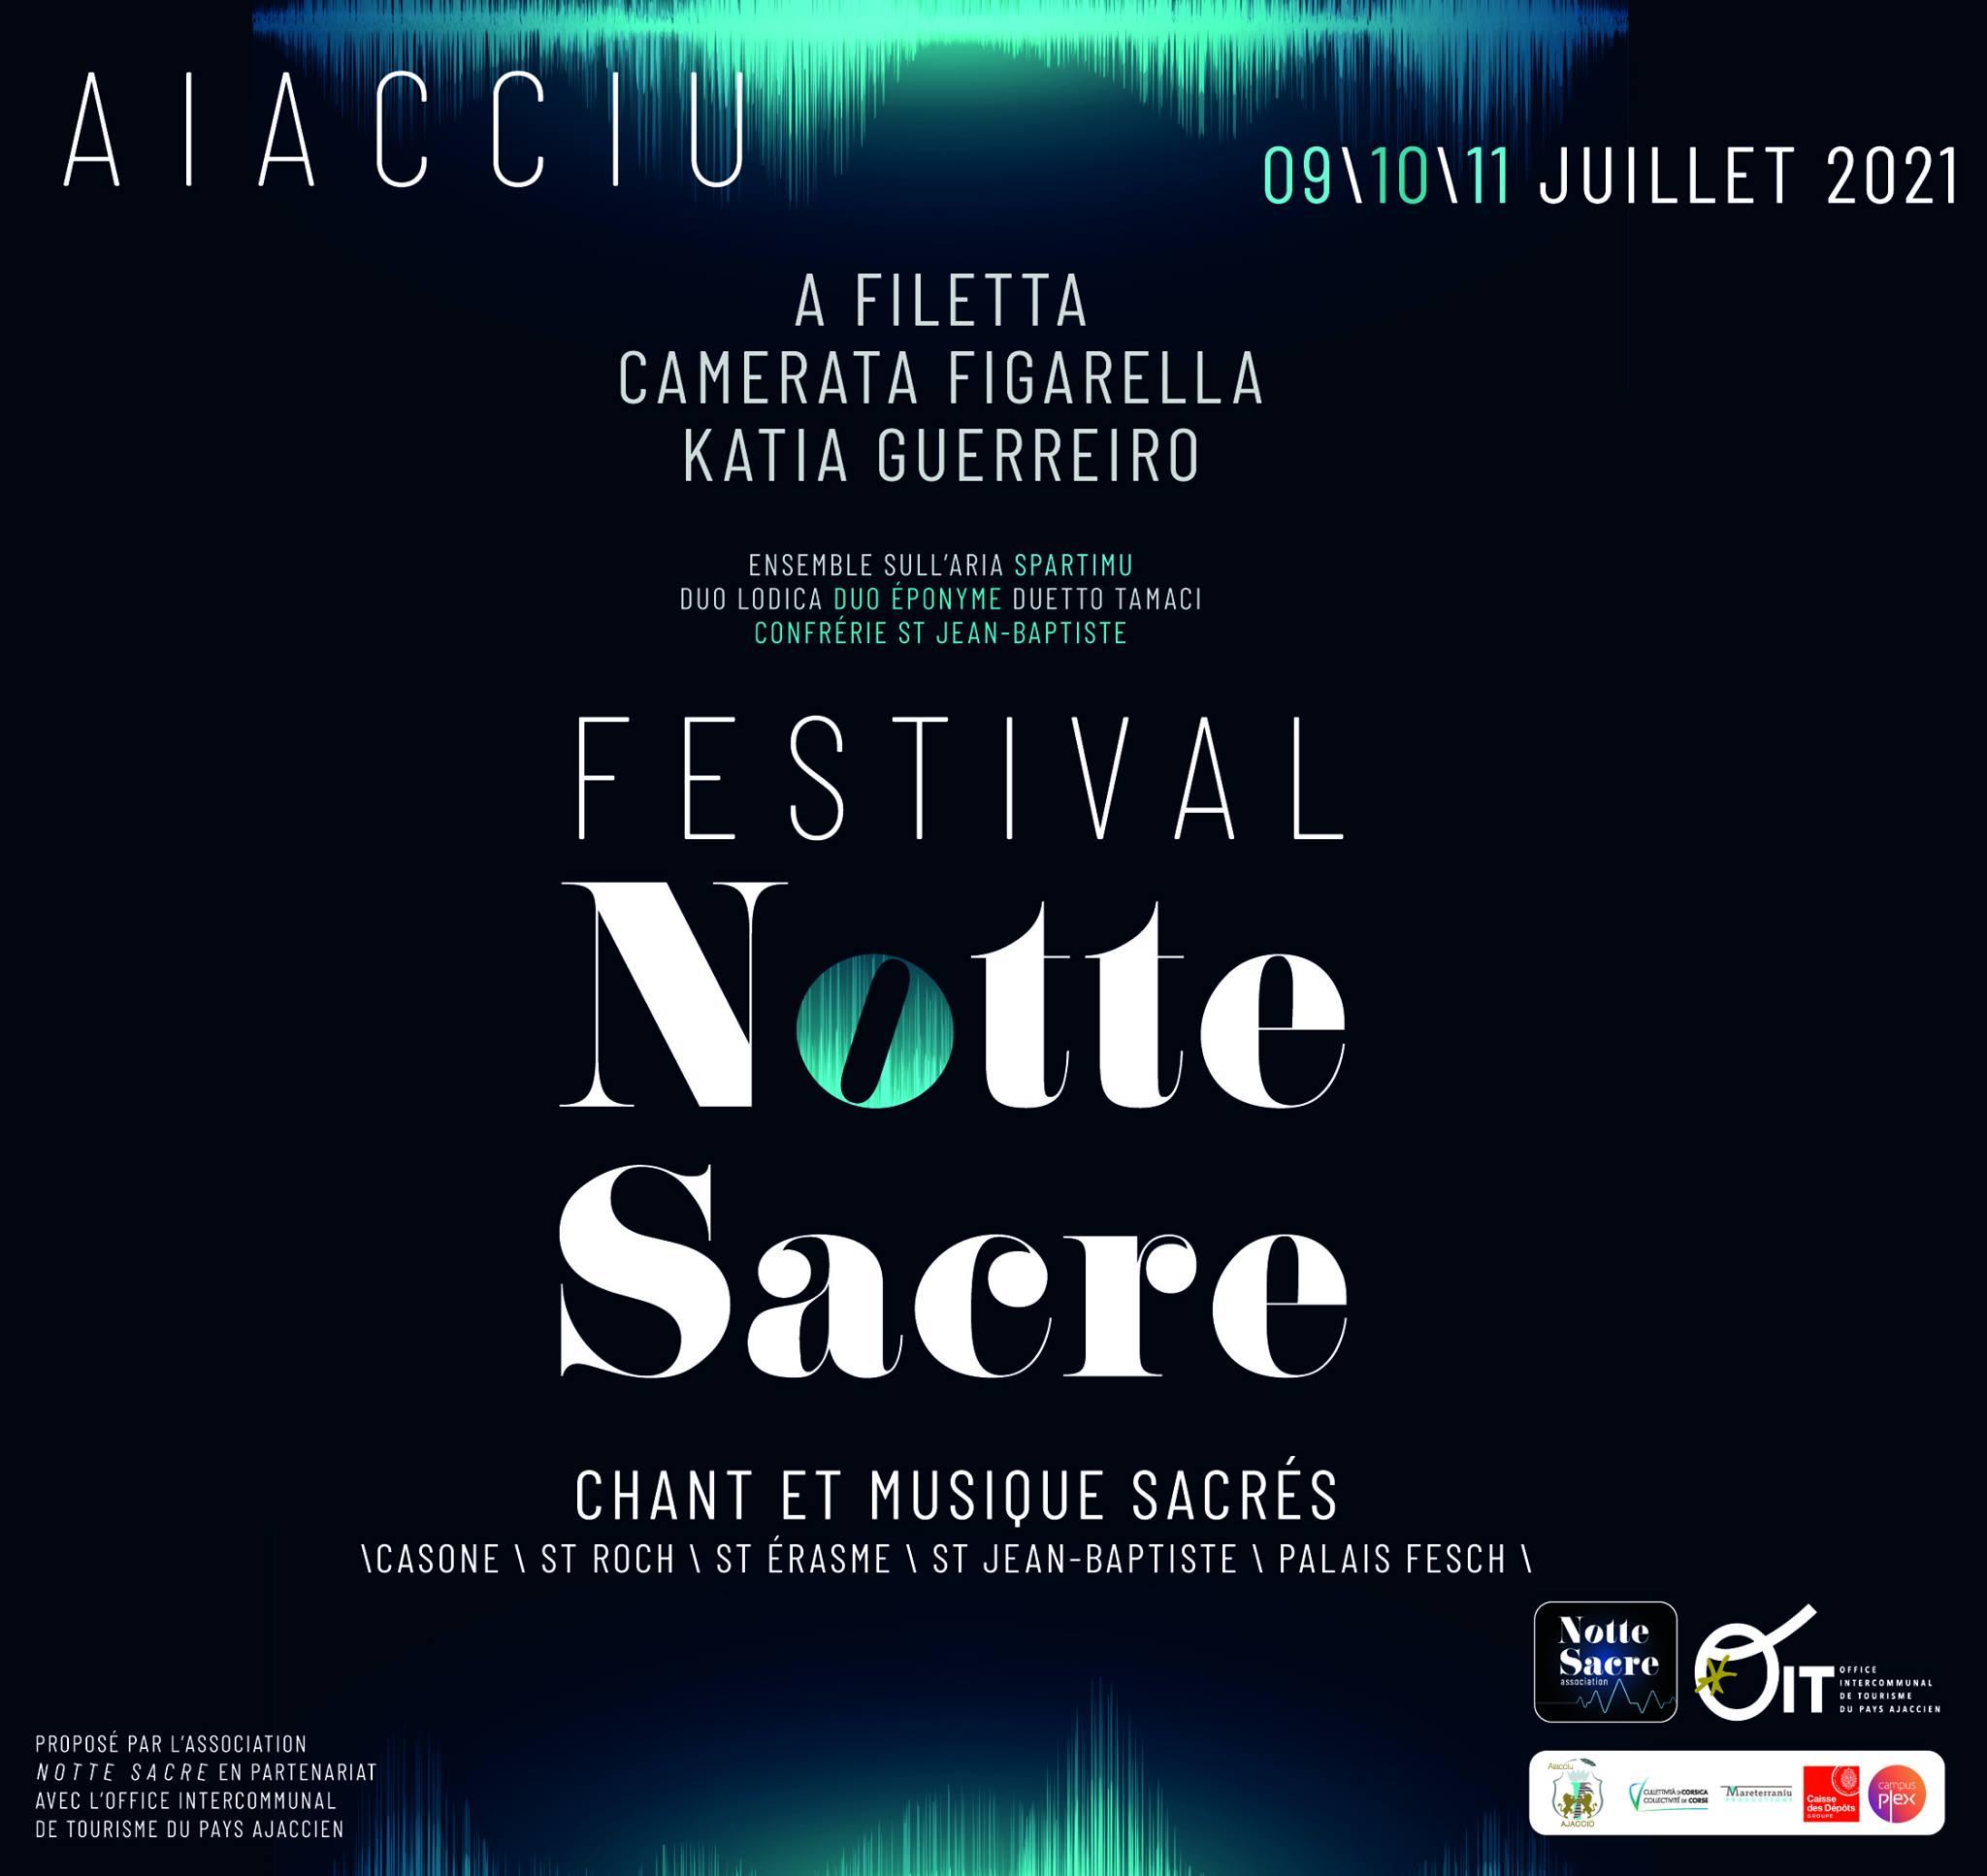 Festival Notte Sacré du du 9 au 11 Juillet - Ajaccio